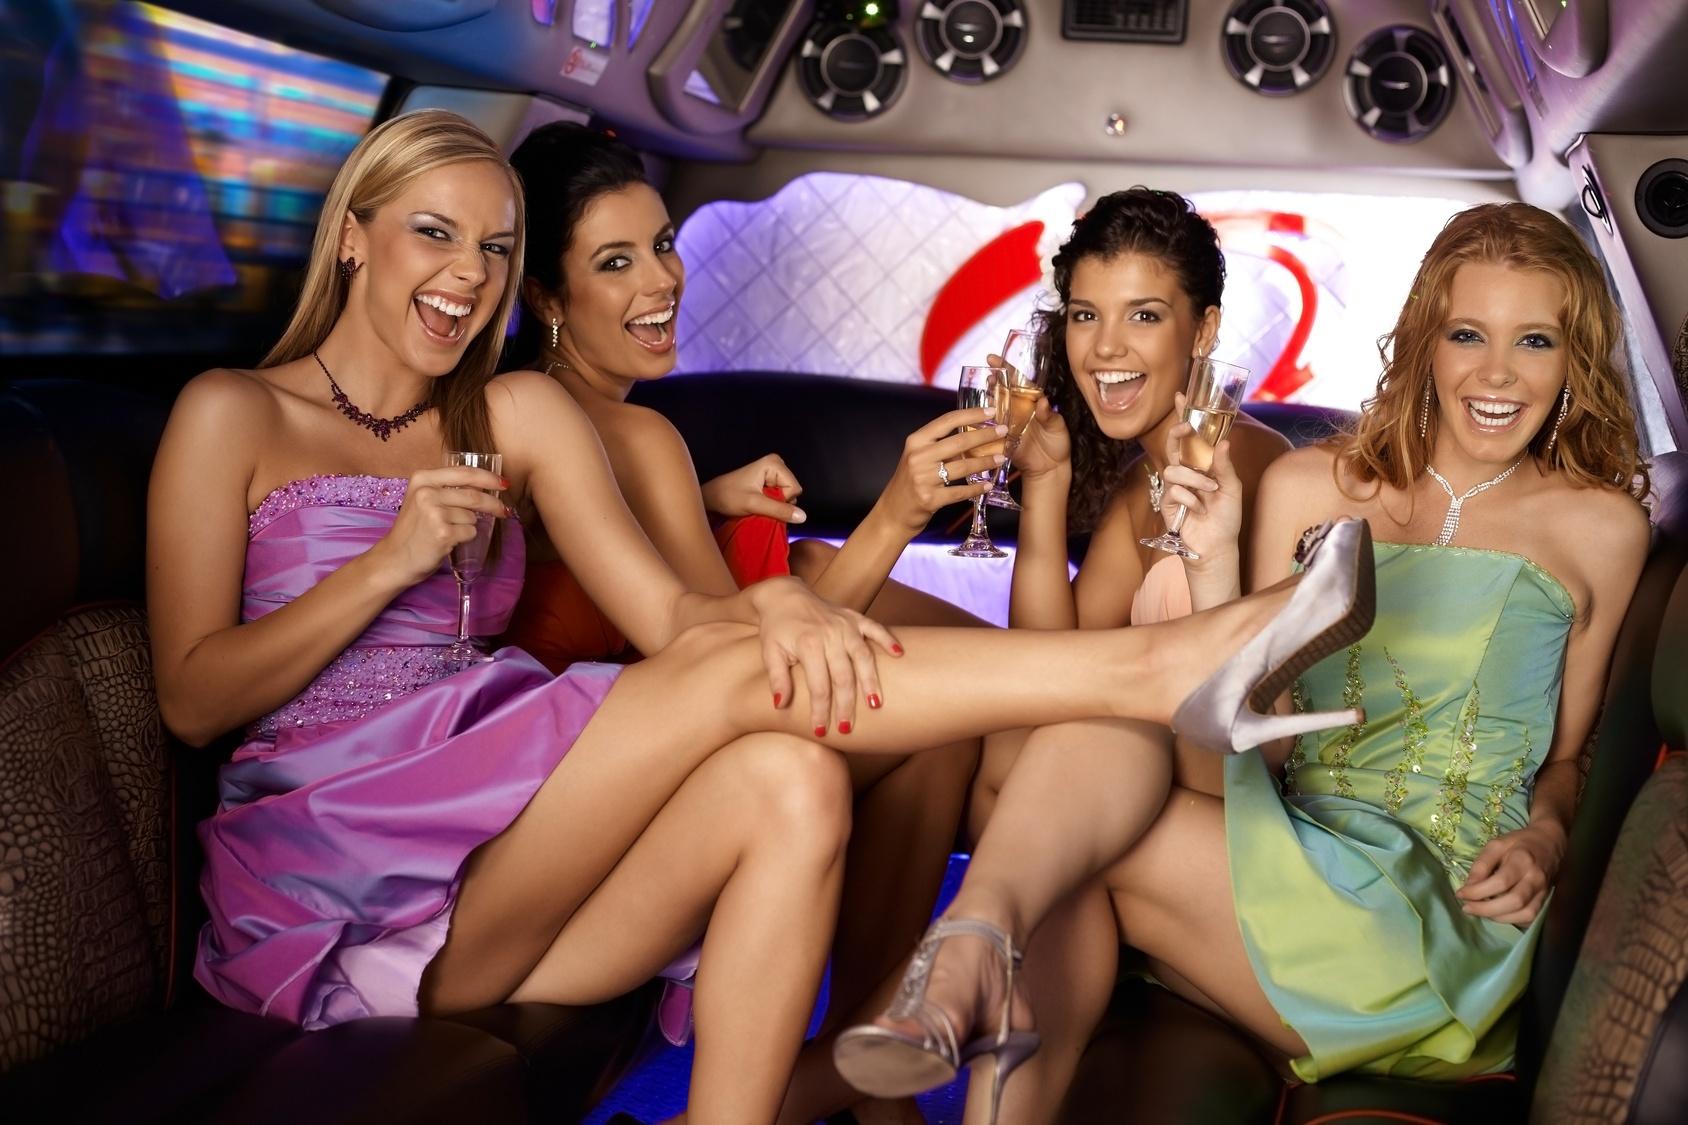 Русский конкурс отсос в клубе, Порно видео Конкурс в клубе не дали девке пососать 2 фотография